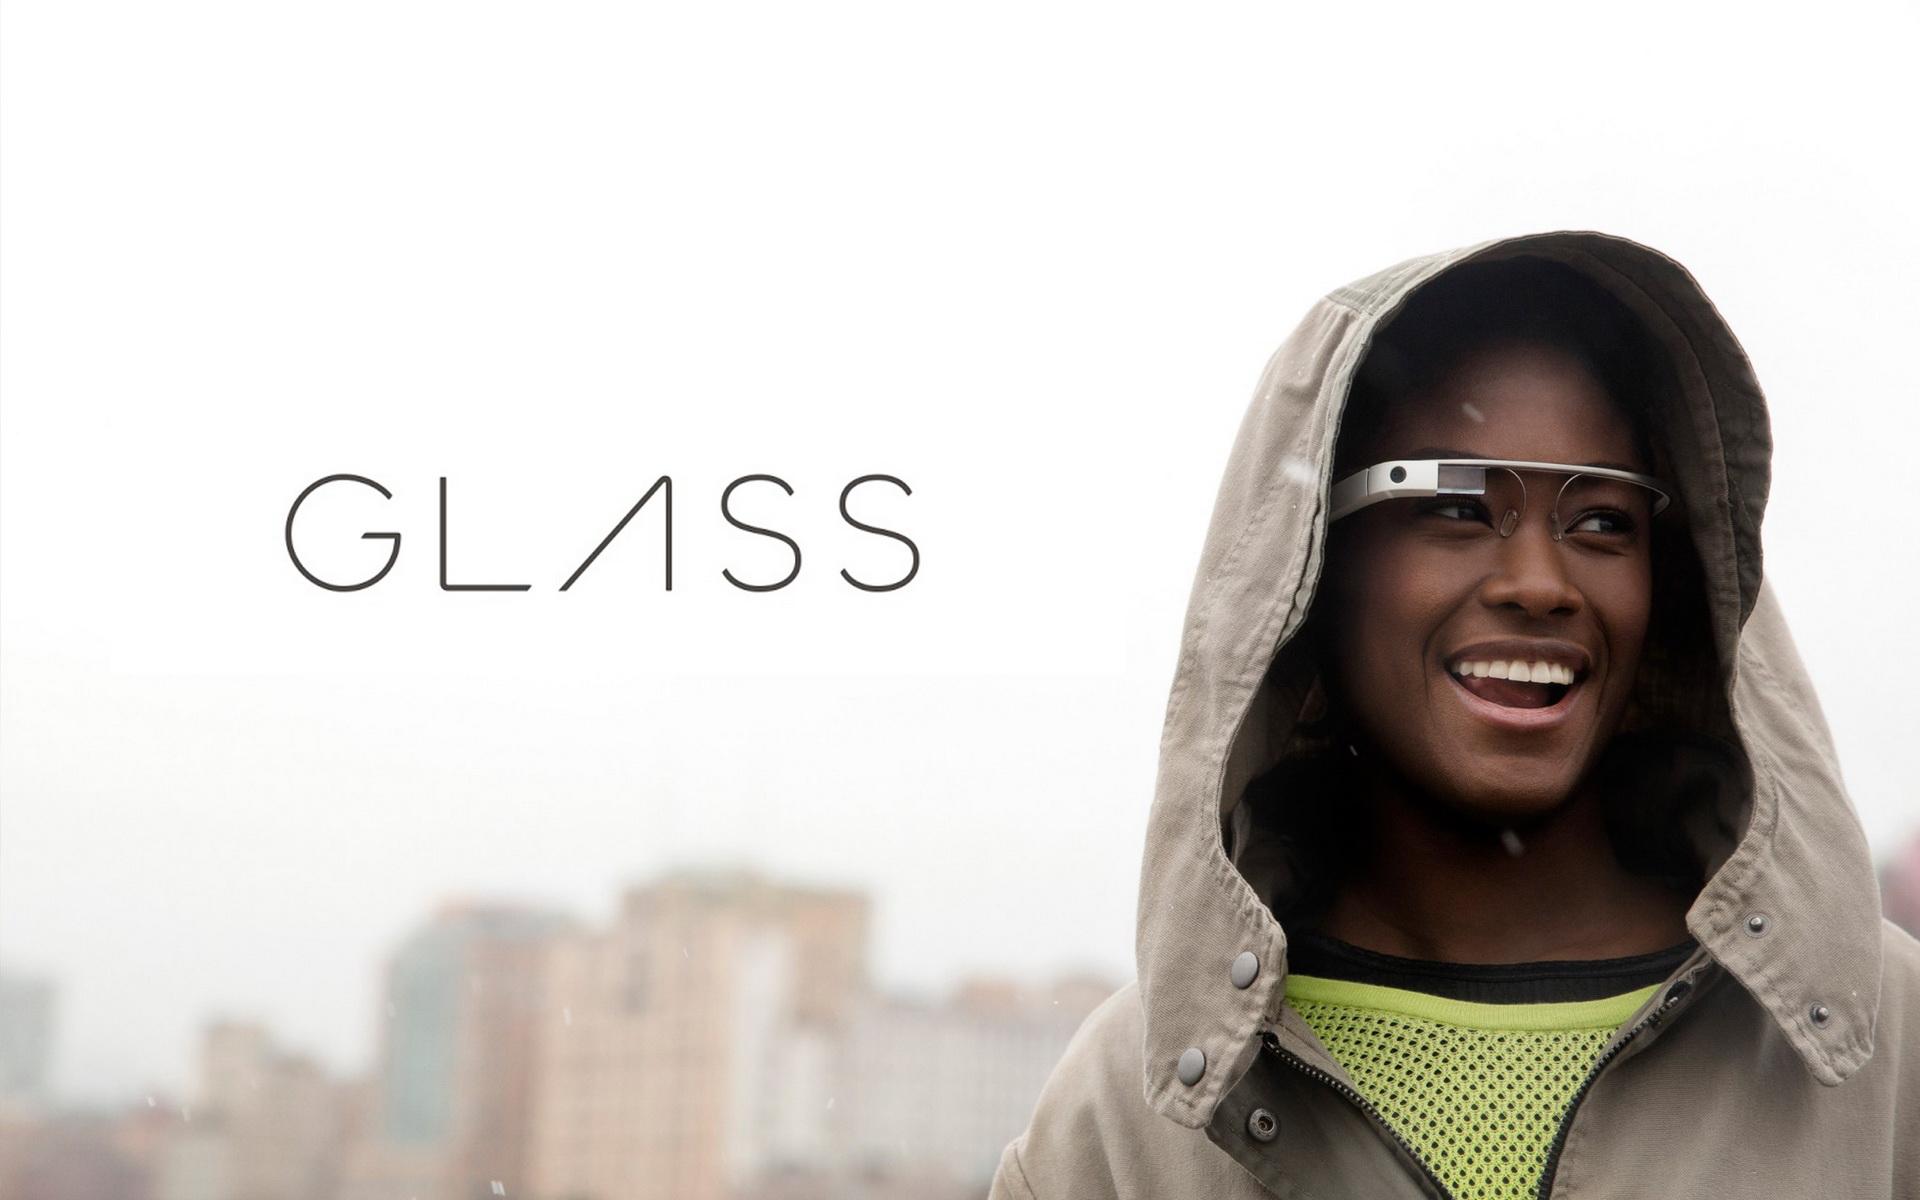 Les Google Glass se perfectionnent encore